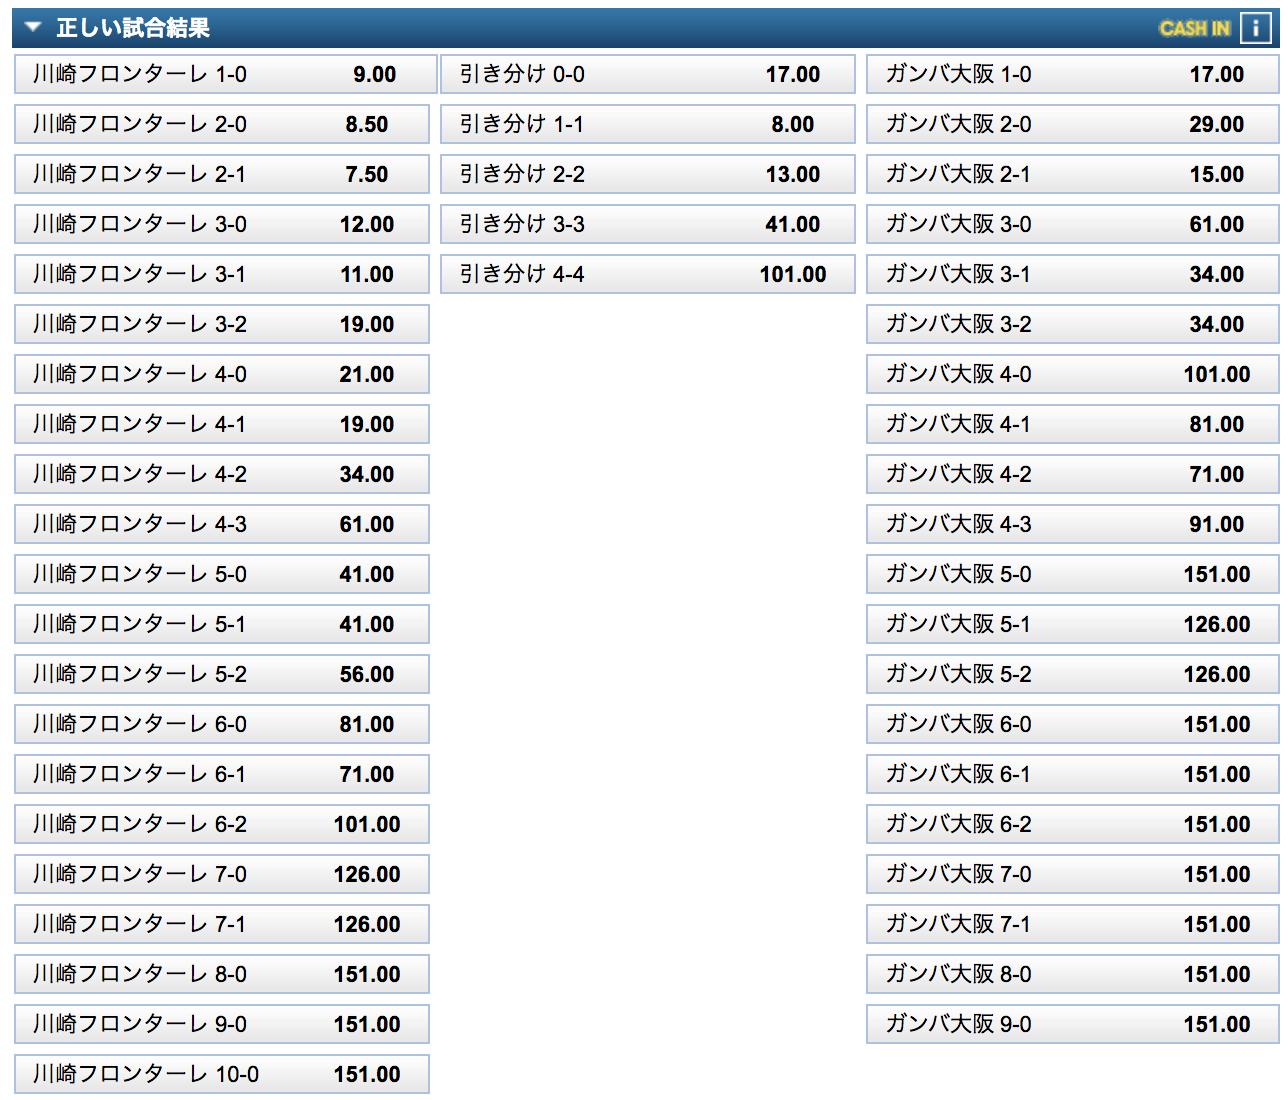 天皇杯2020決勝(川崎フロンターレ対ガンバ大阪)のスコア予想オッズ